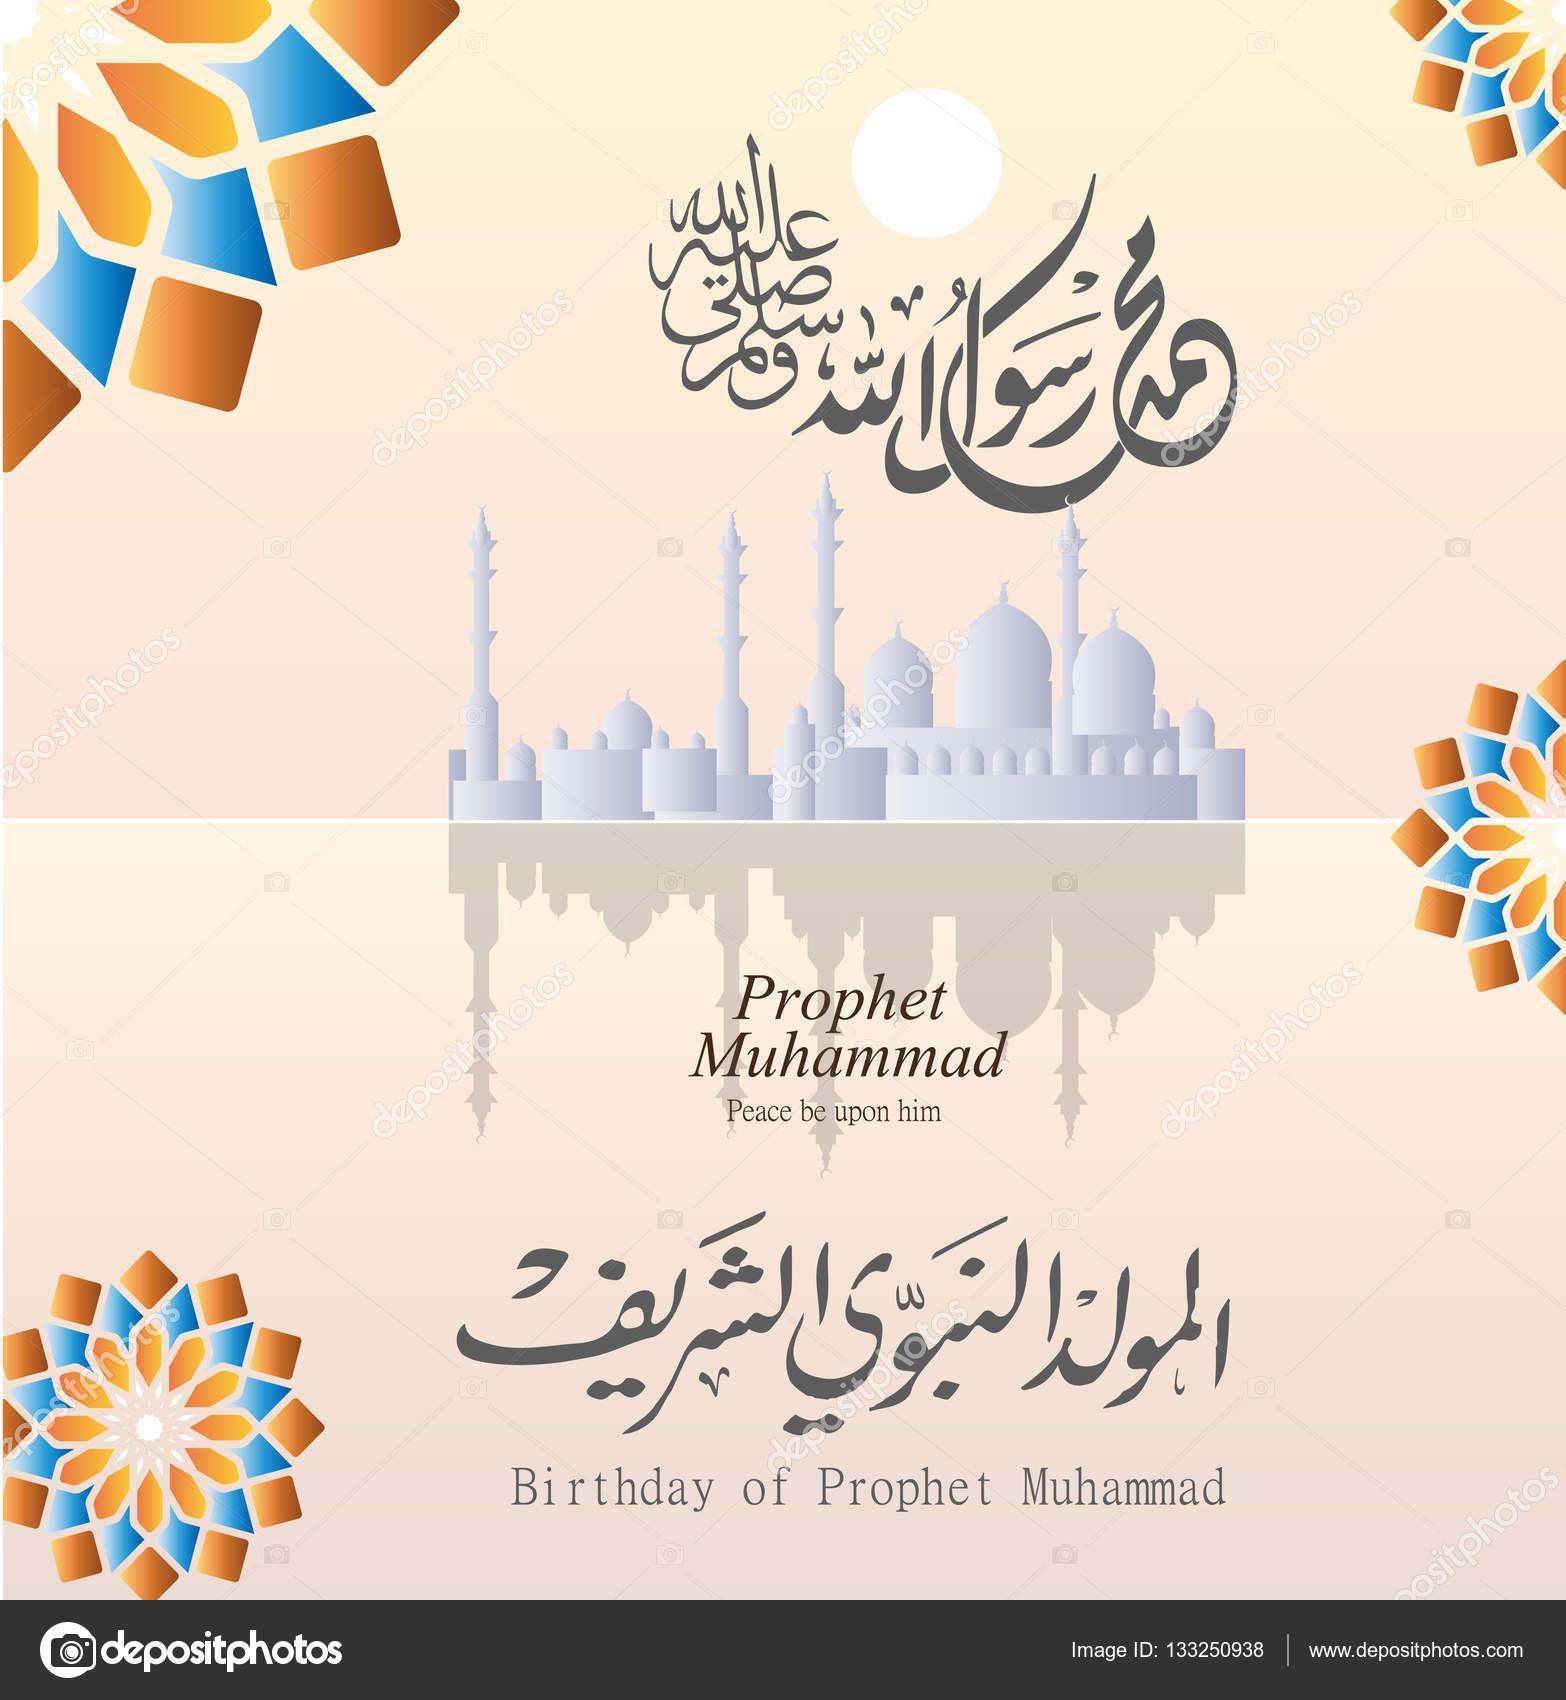 Поздравление мусульманину на день рождения